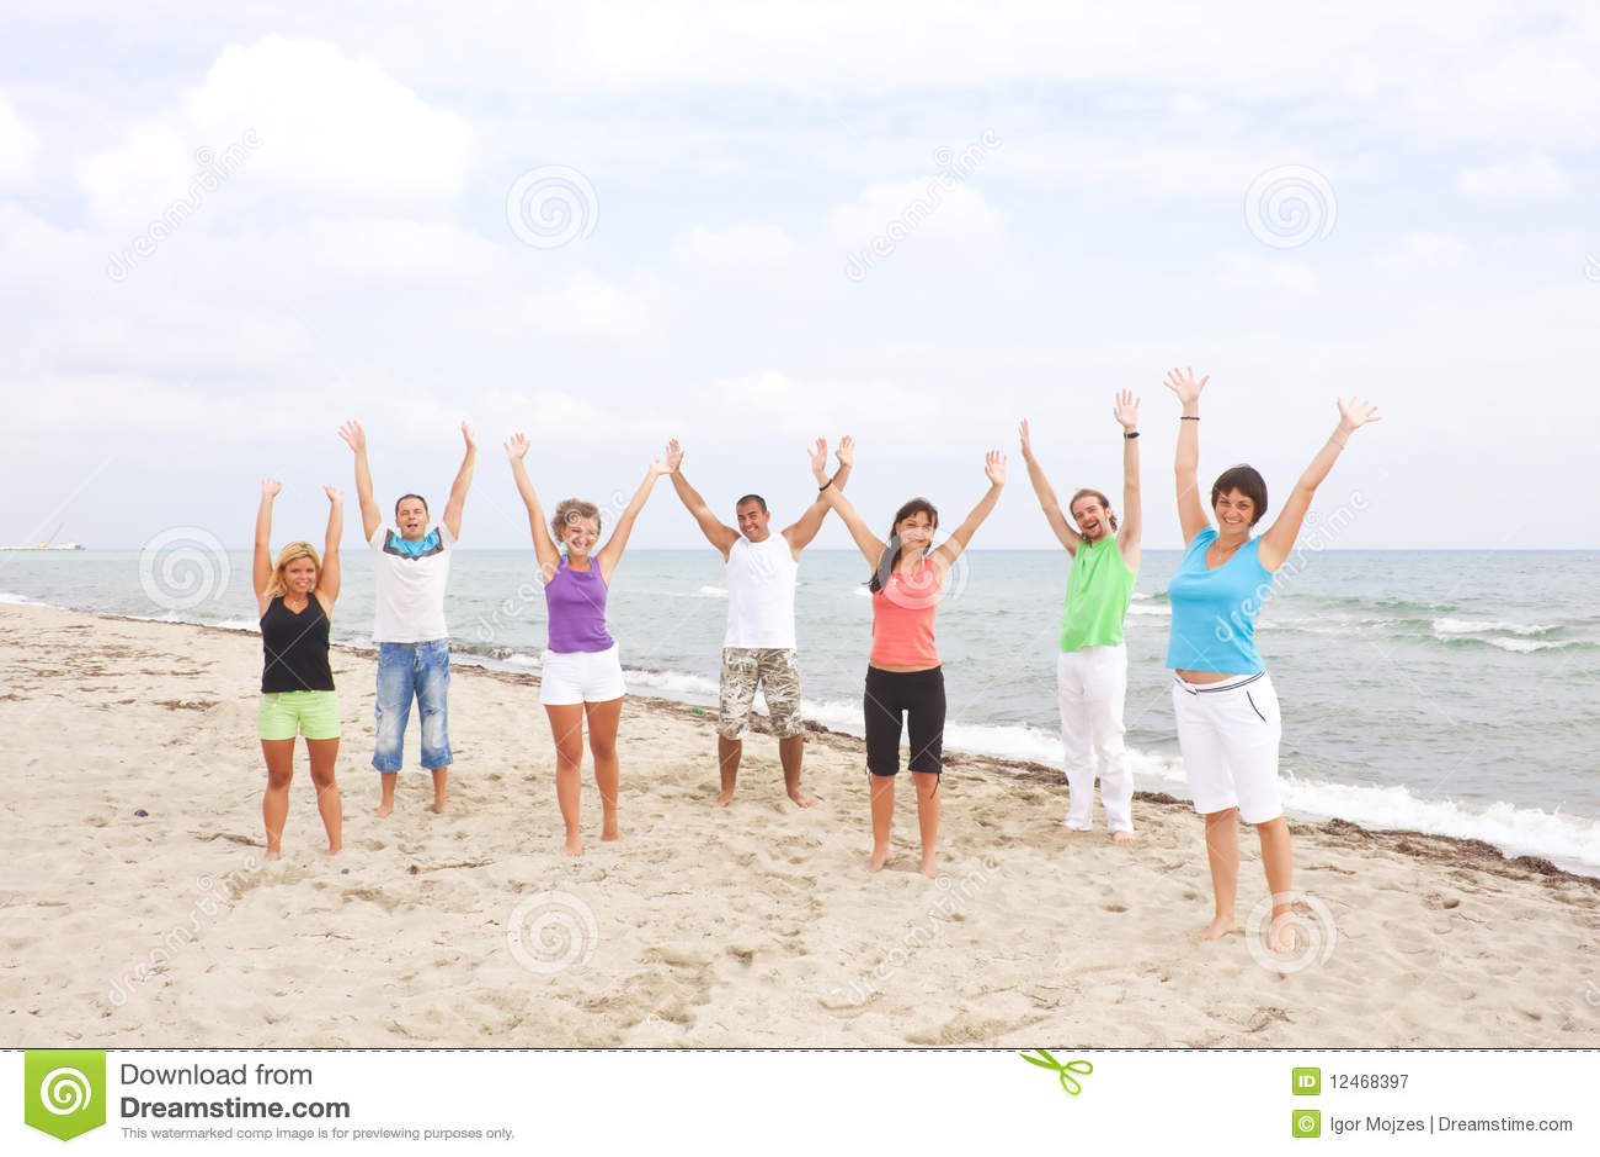 Gruppe Junge Leute Auf Dem Strand Stockbild - Bild von